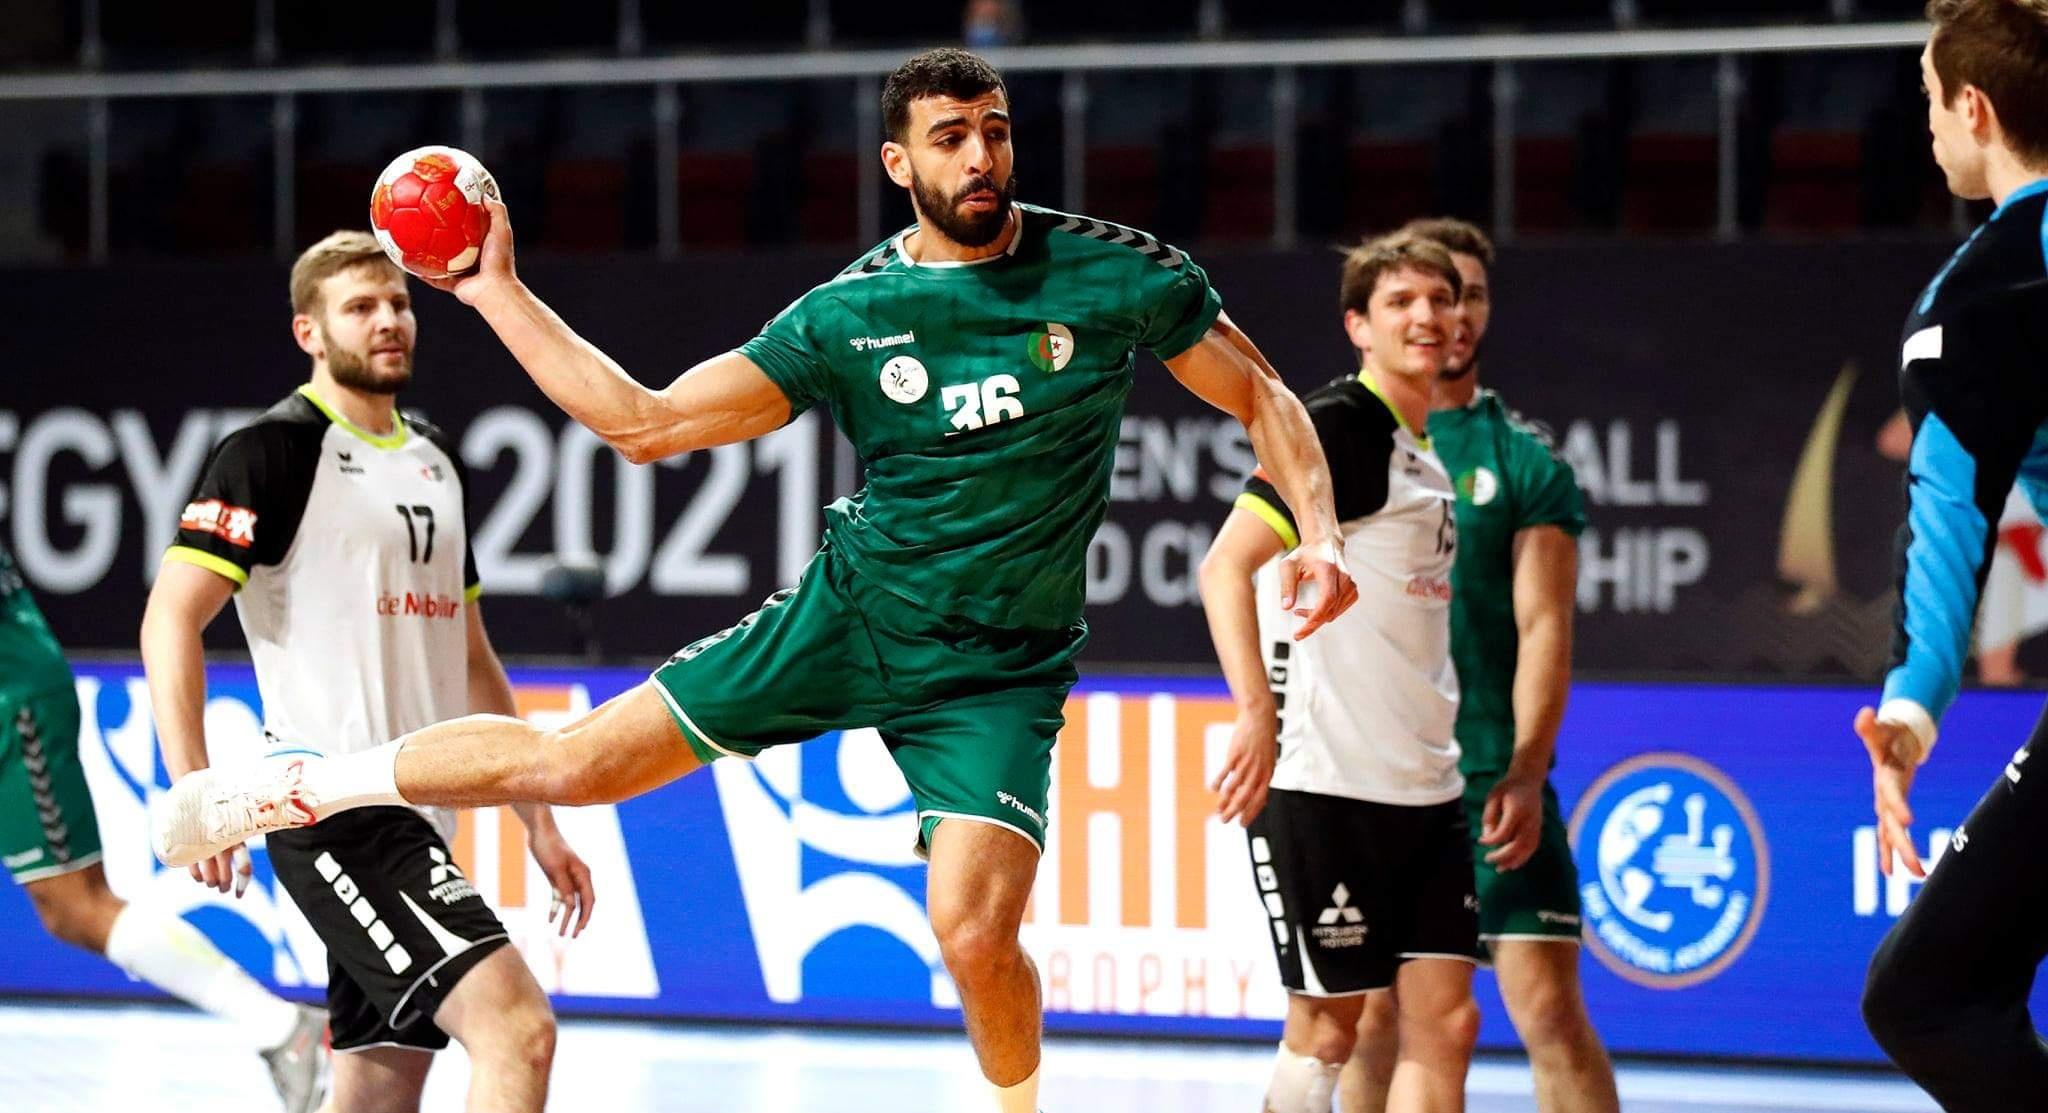 بطولة العالم لكرة اليد: وضعية المجموعة الثالثة بعد الجولة الثالثة و الأخيرة (الدور الرئيسي)